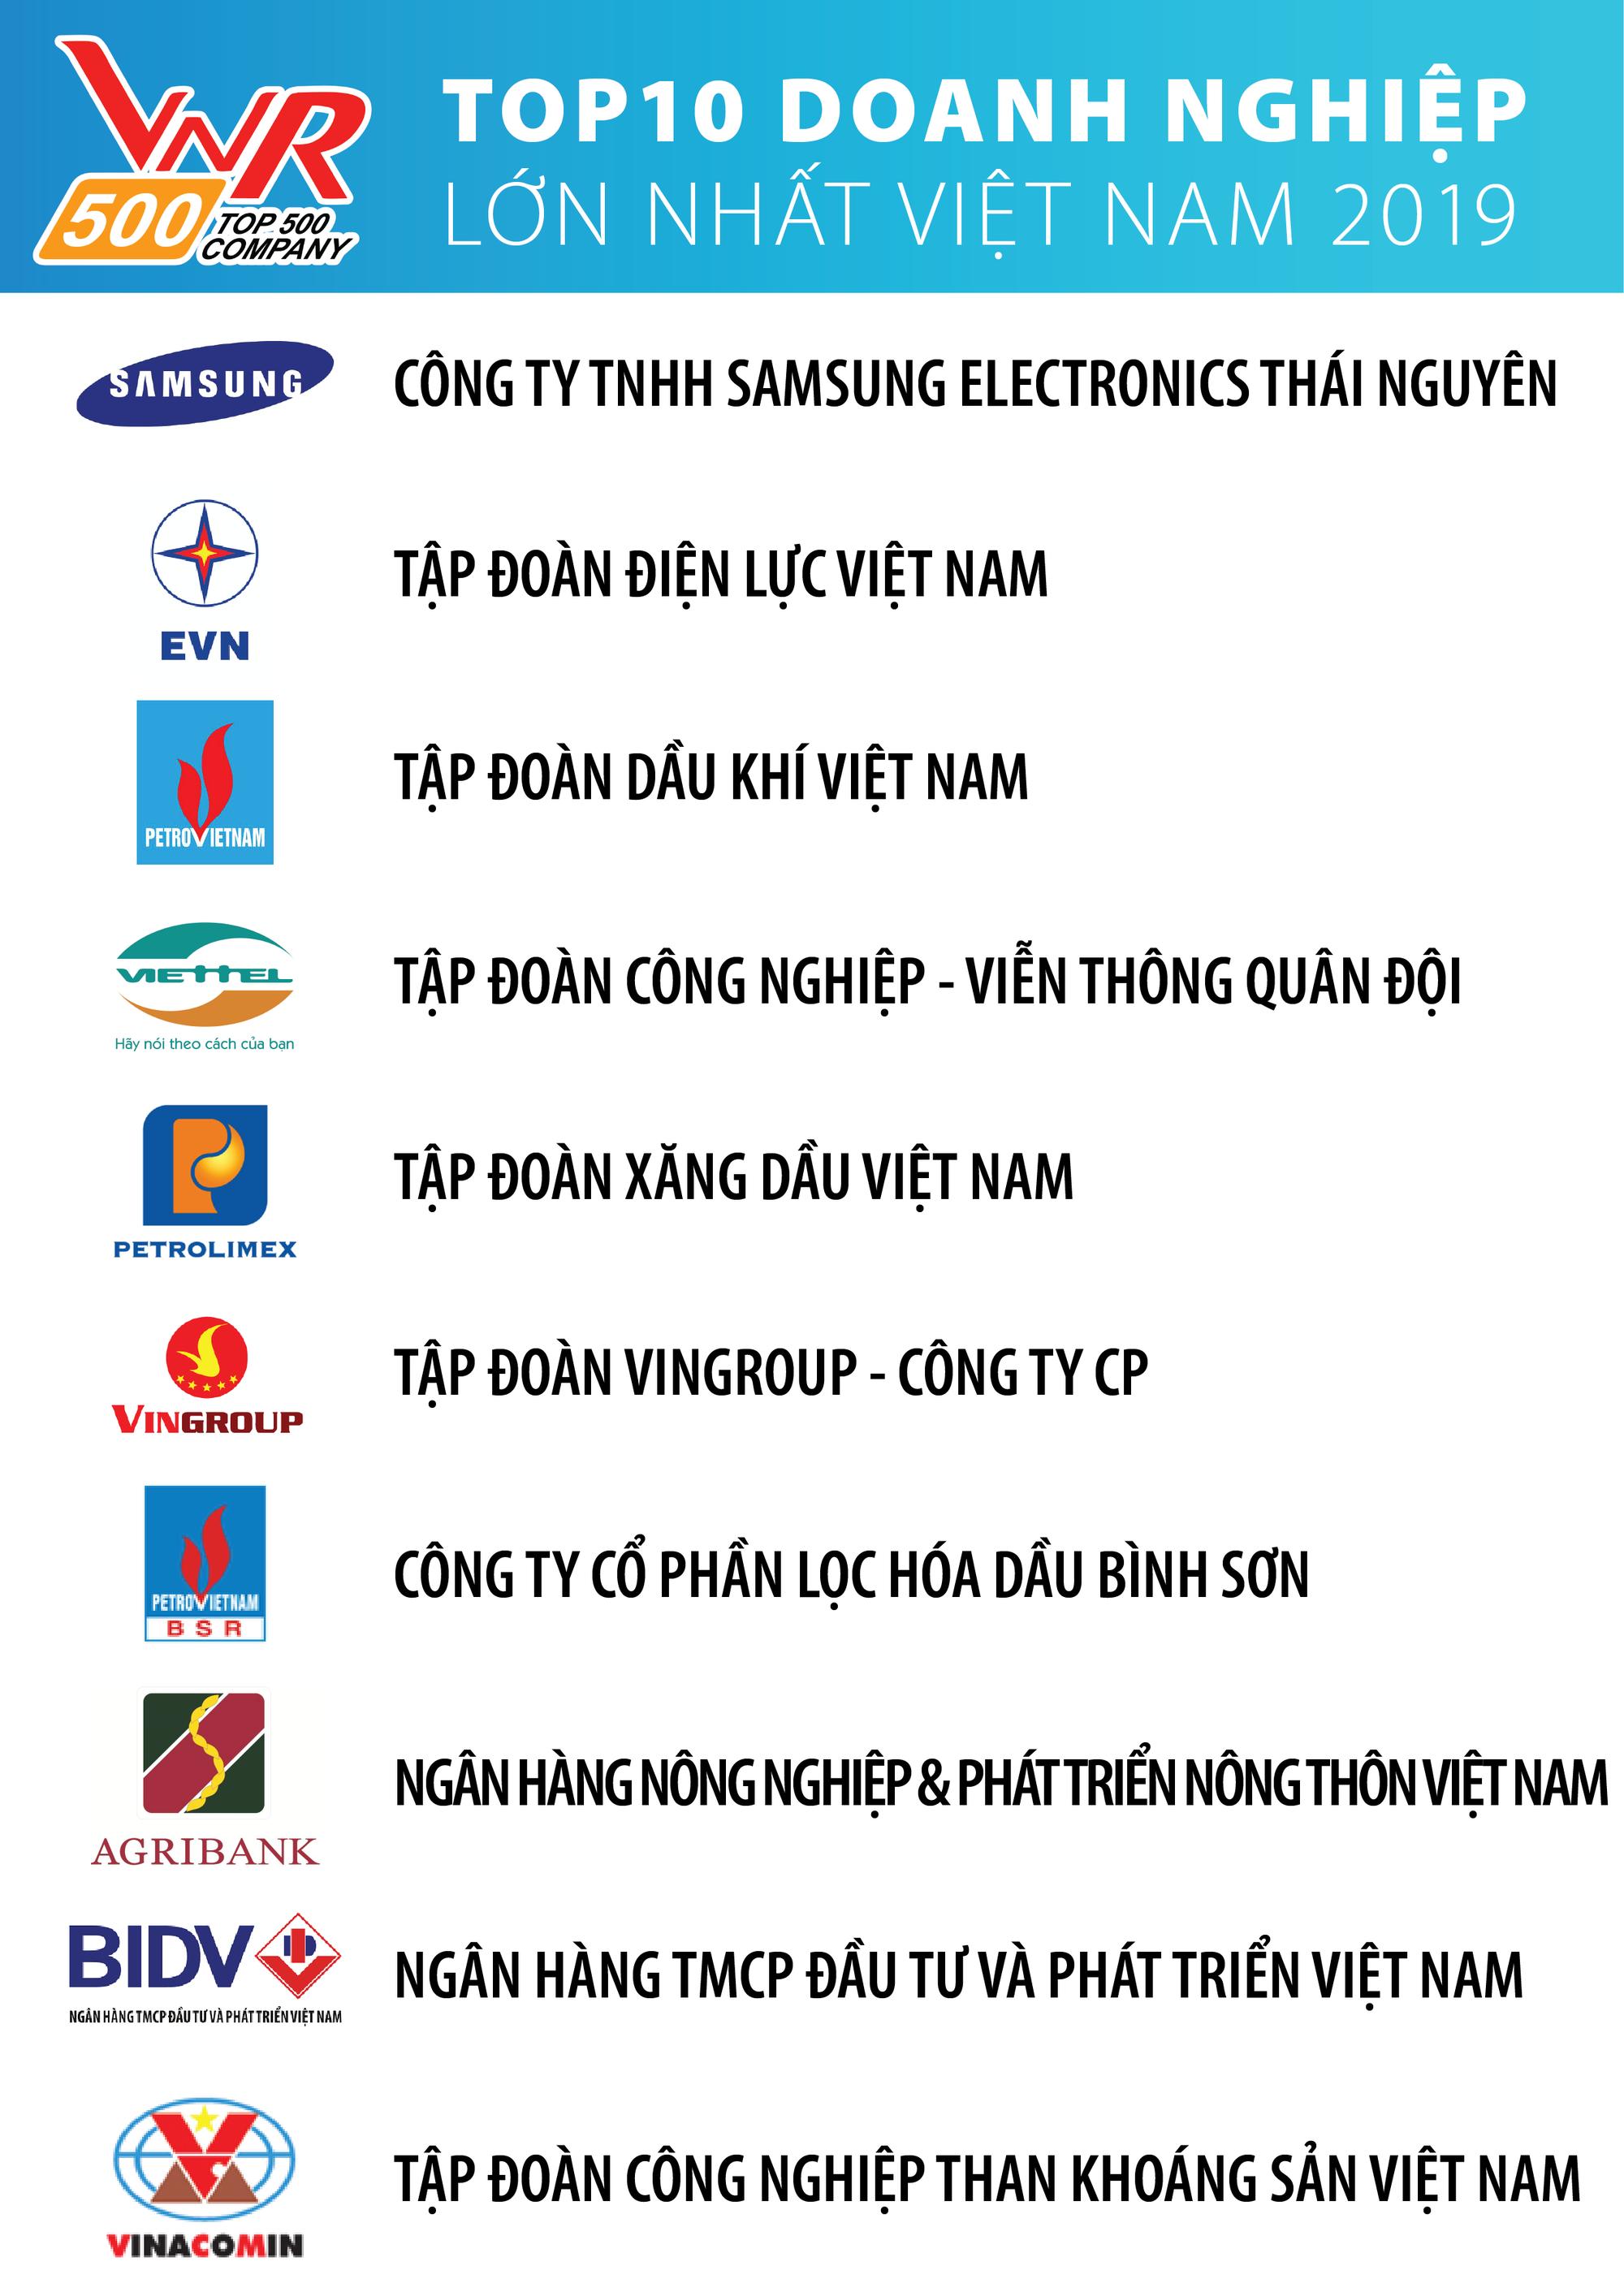 10 năm trước còn giữ ngôi đầu trong Top 10 doanh nghiệp tư nhân lớn nhất Việt Nam, FPT nay rớt khỏi danh sách, lọt thỏm ở thứ hạng 20 - Ảnh 2.